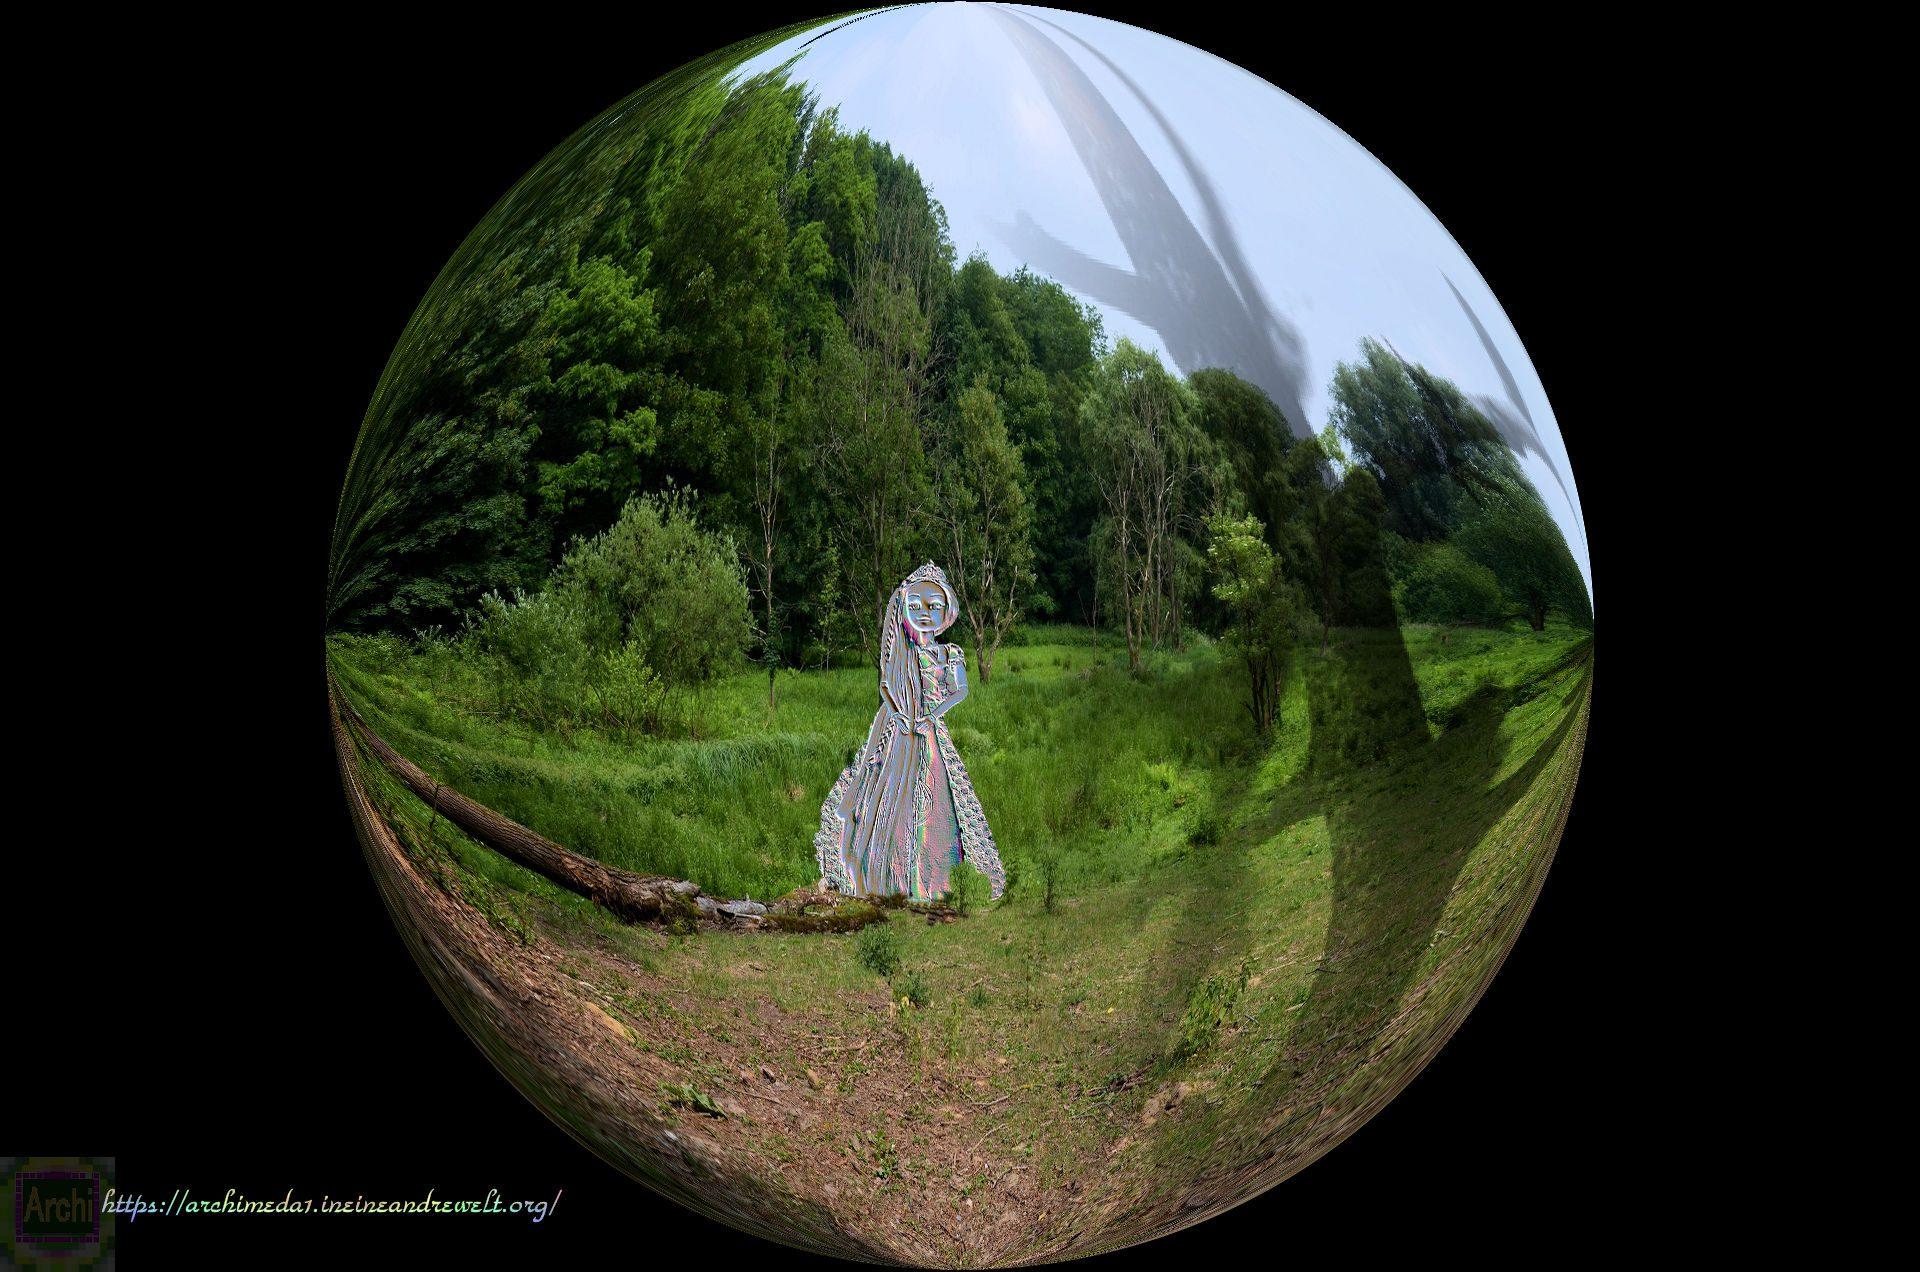 Rapunzel Ineineandrewelt Auf Der Suche Nach Was Ist Grün